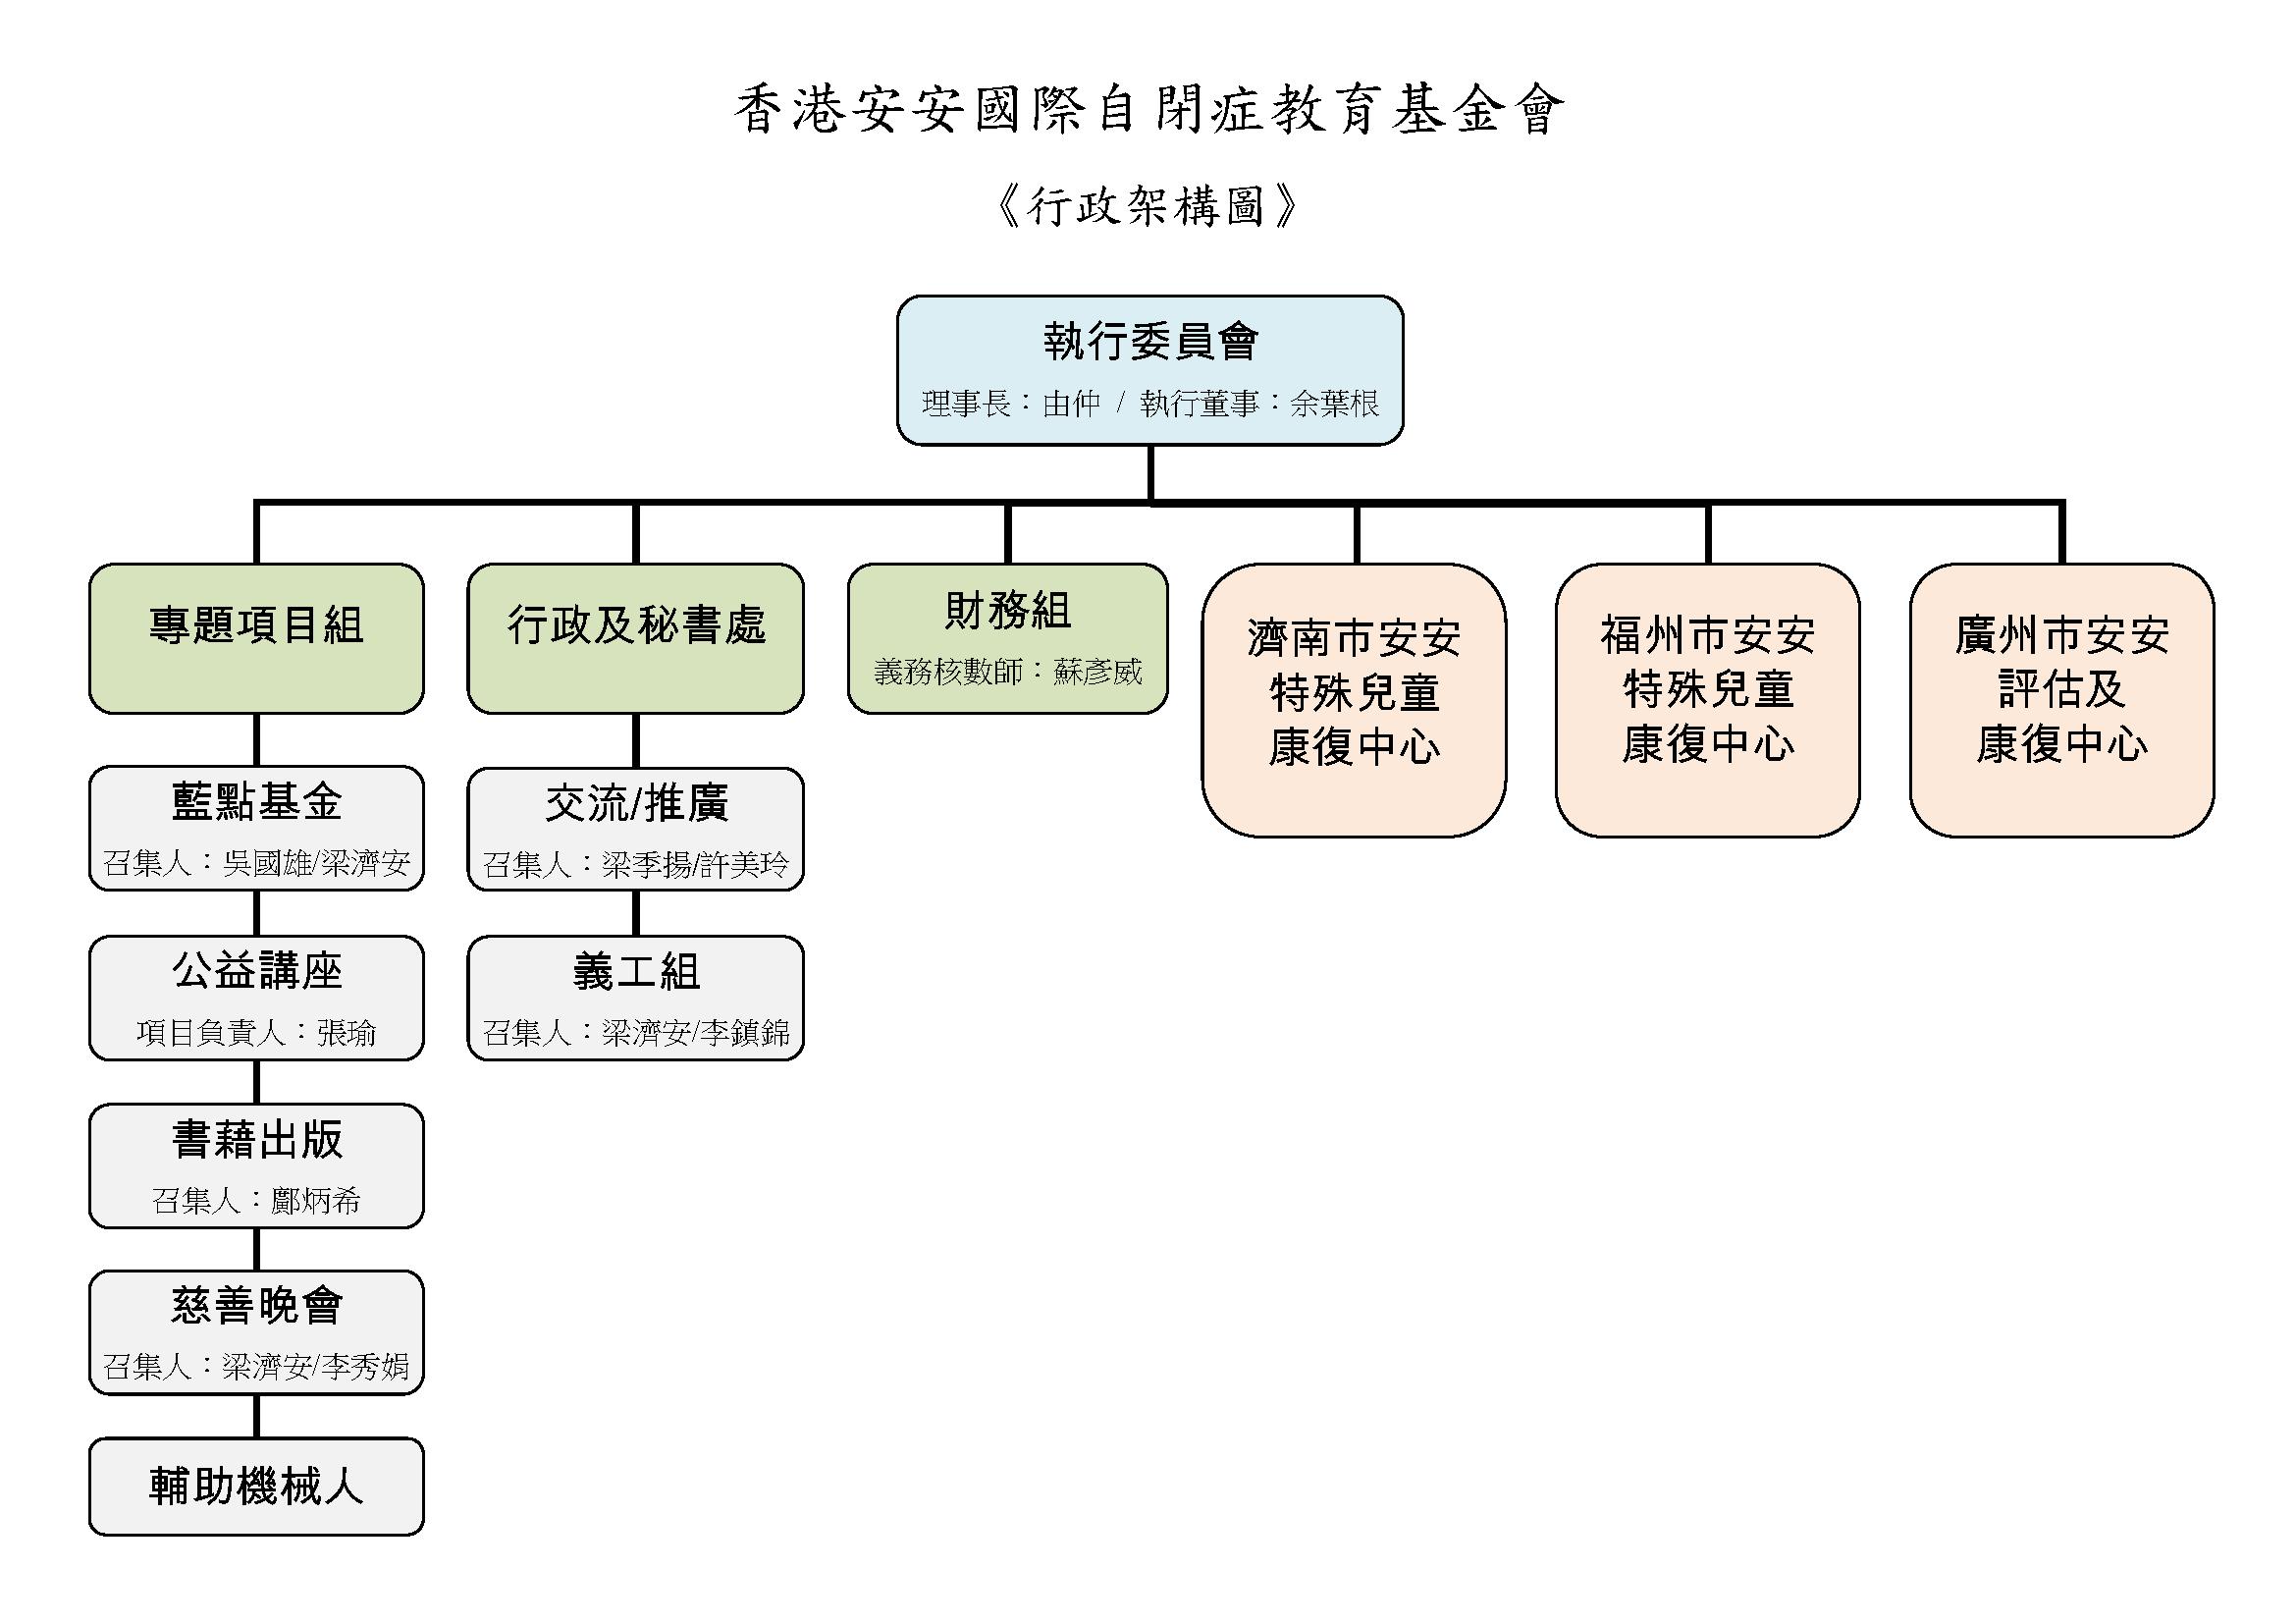 安安架構圖 20150716